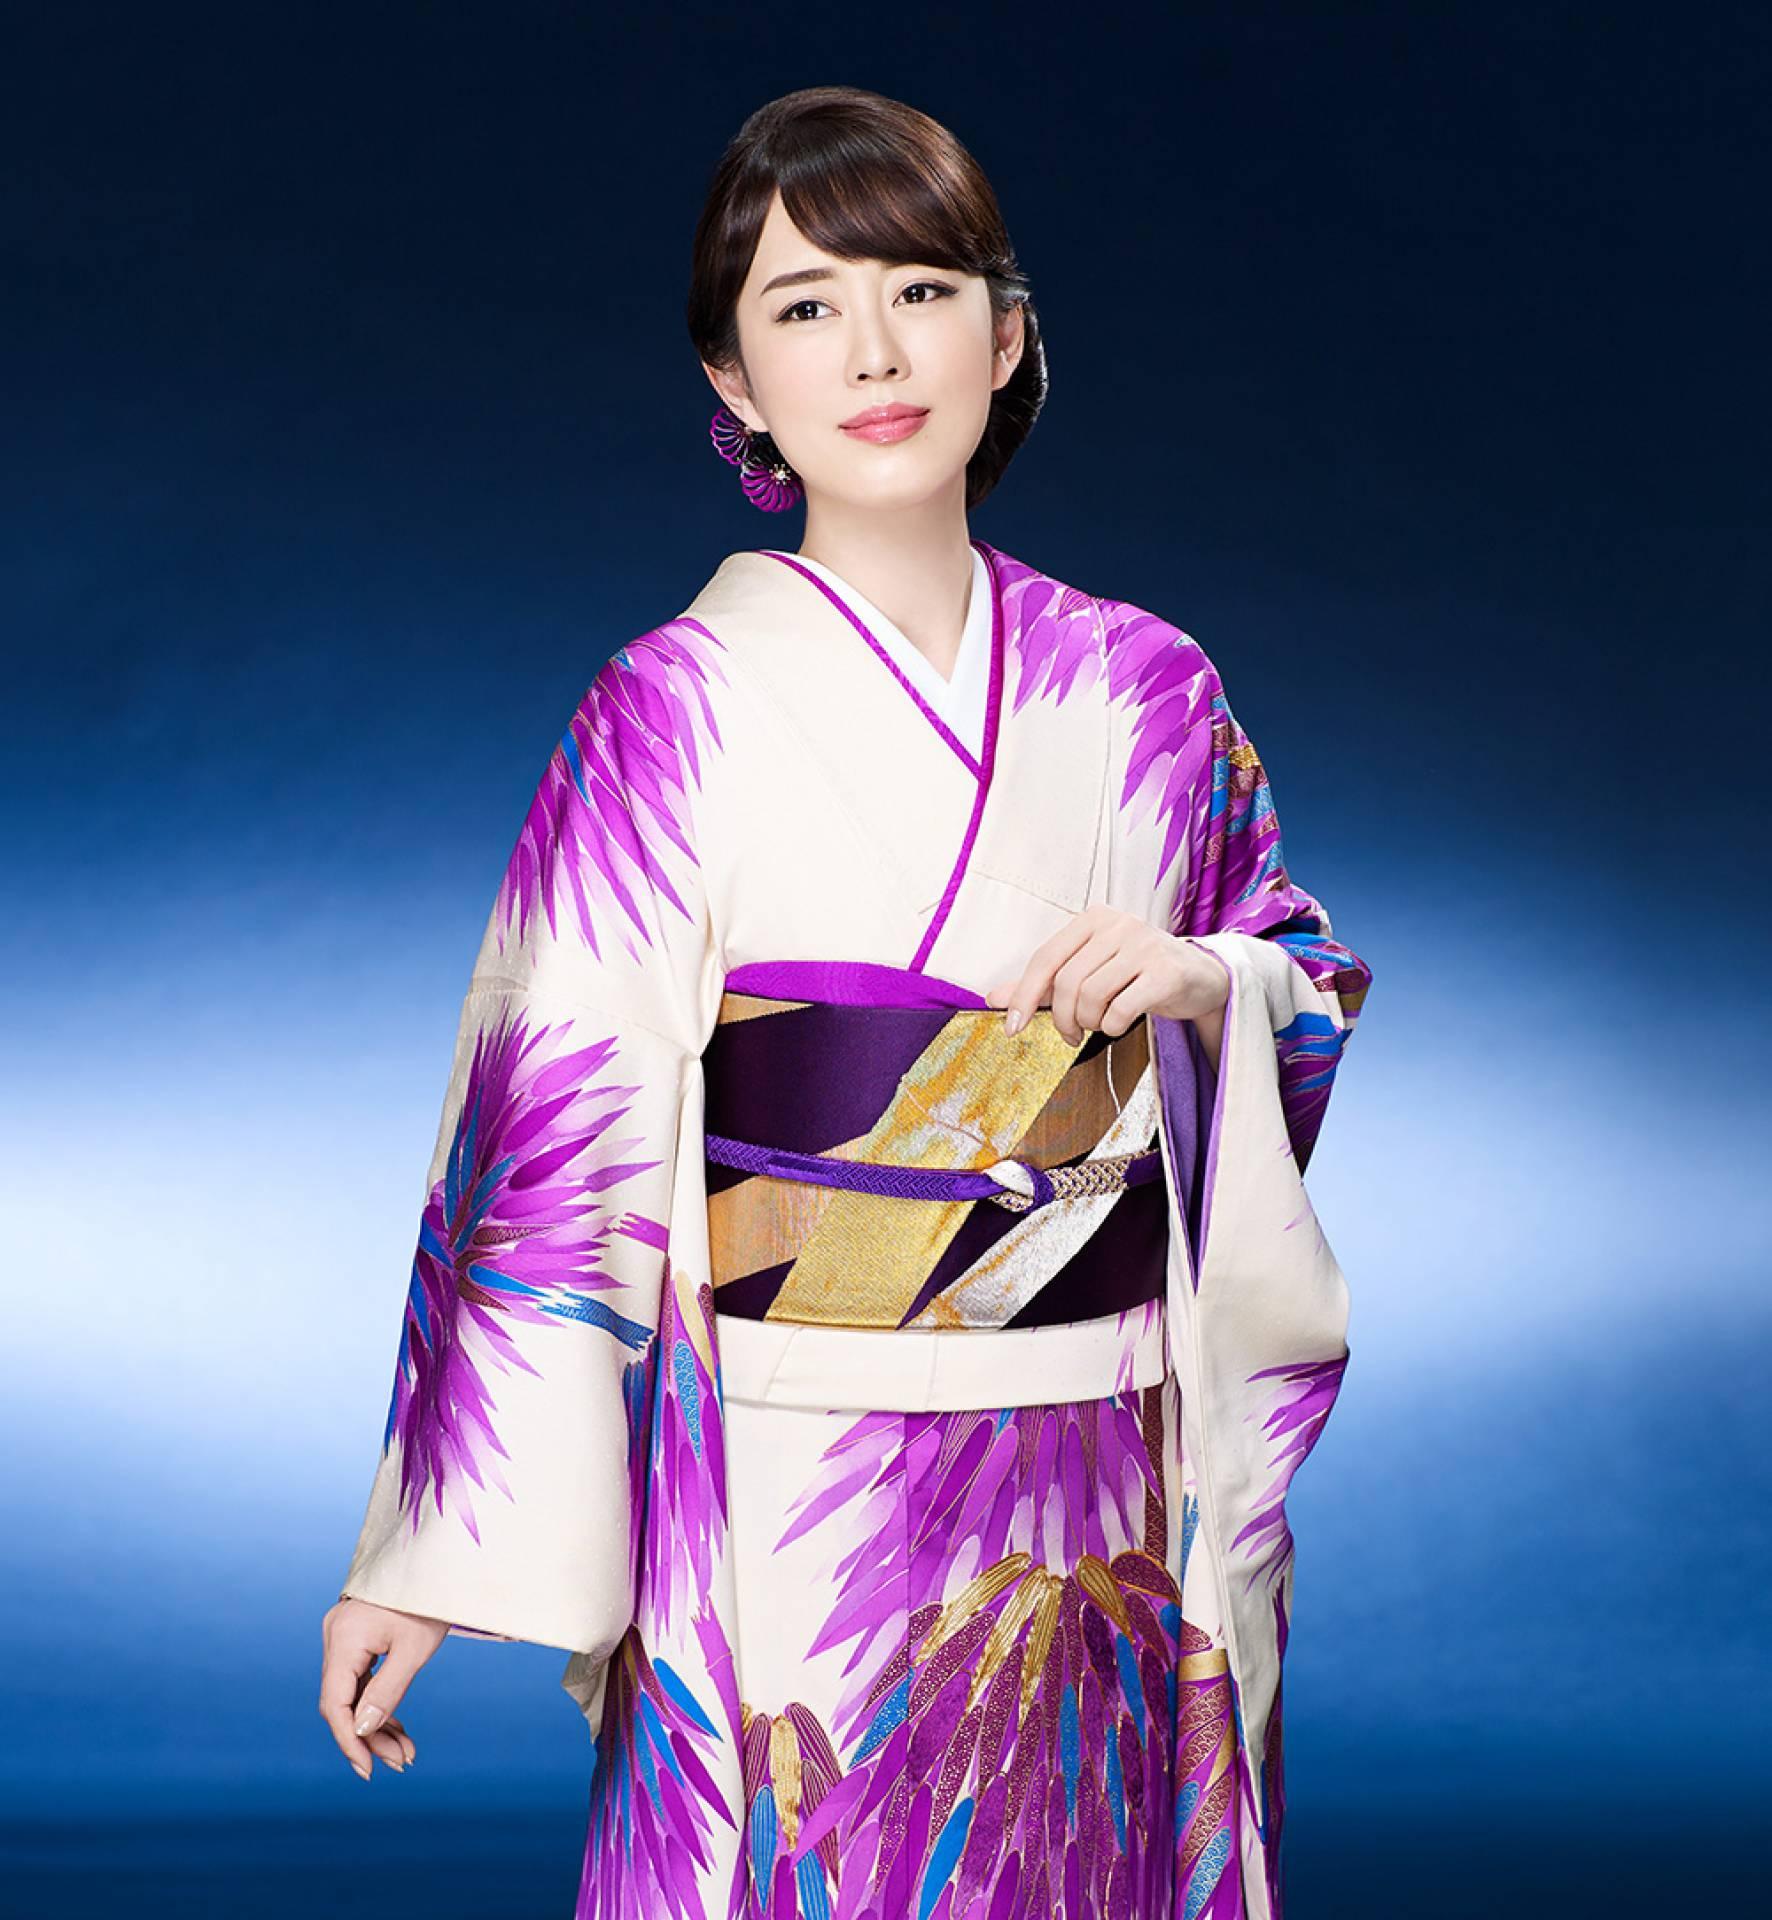 Oka Midori